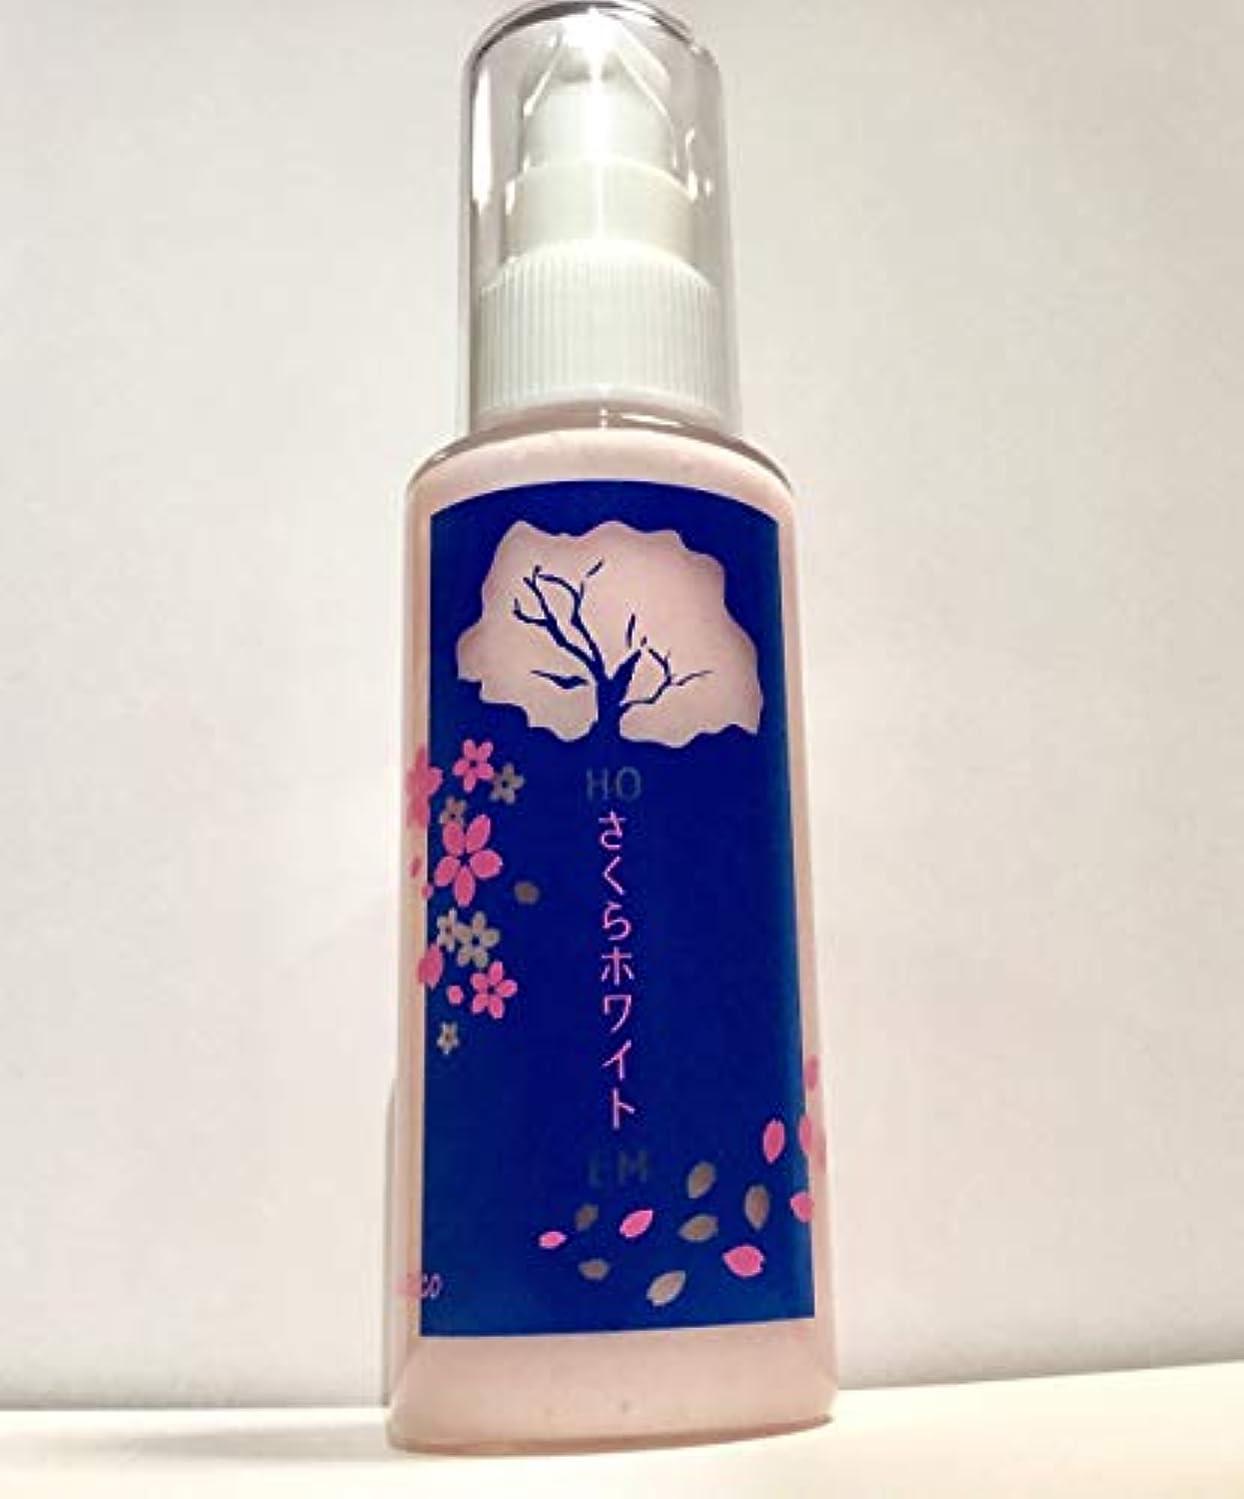 潮エキスカナダ肌王子化粧品 さくらホワイト 美容液&乳液 65ml 2~3ヶ月分